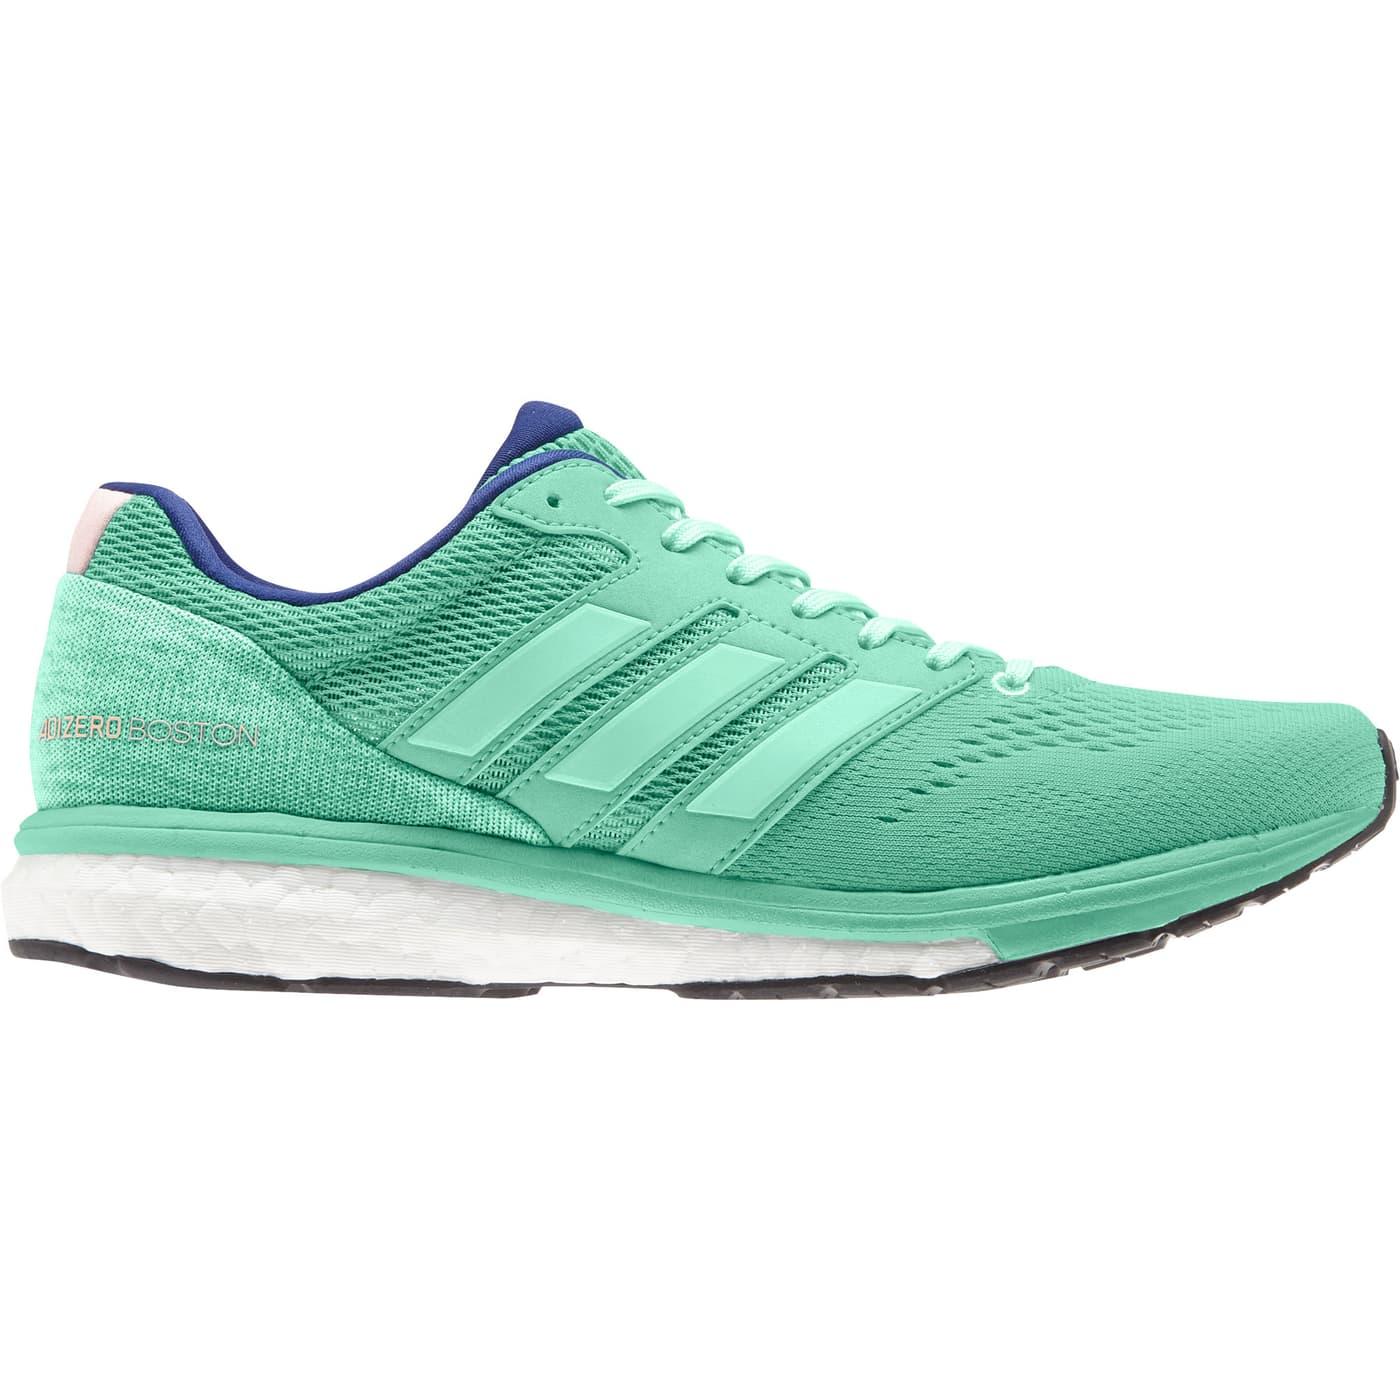 Adidas Adizero Boston 7 Damen-Runningschuh